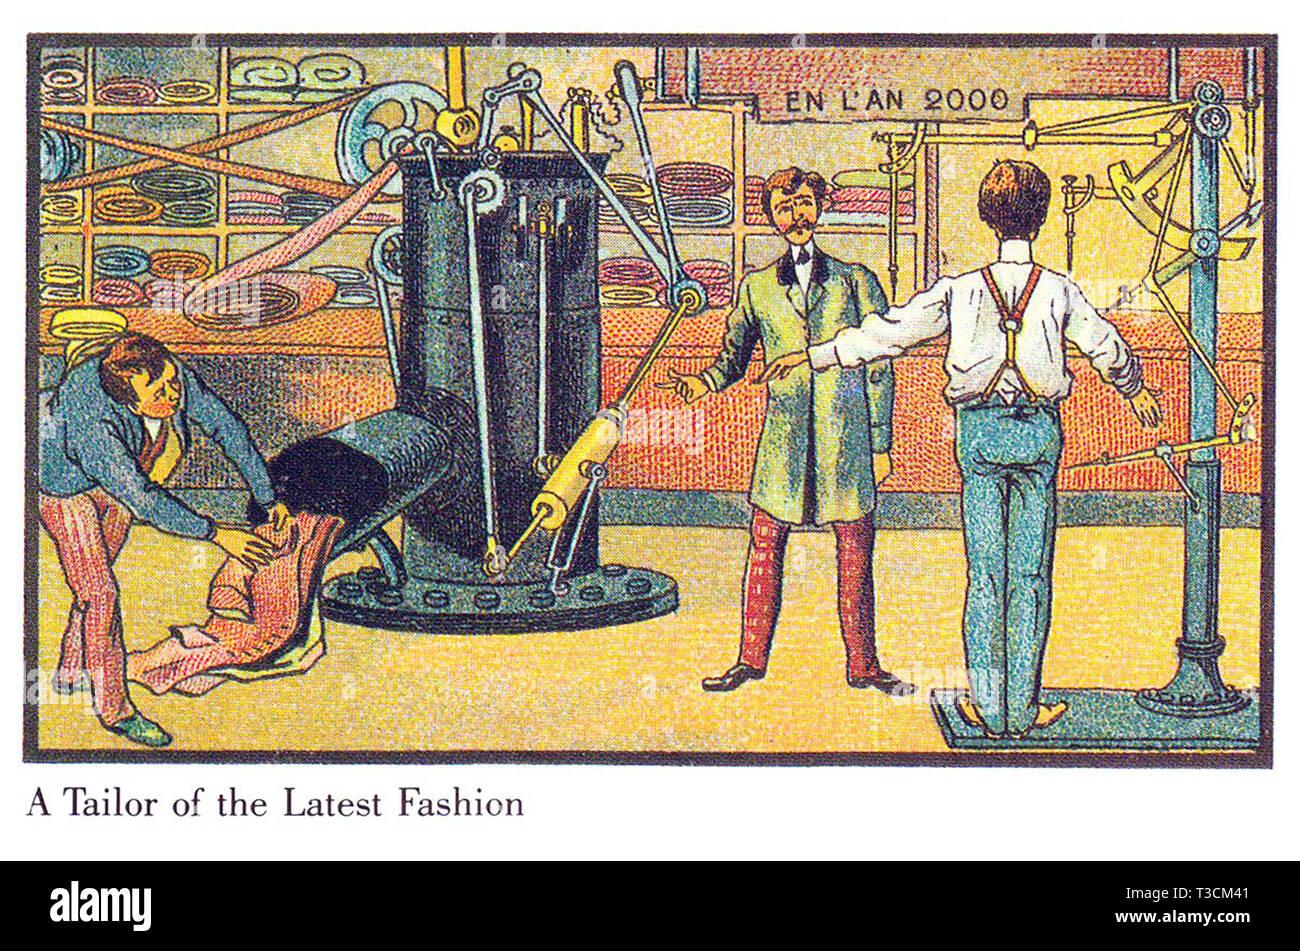 Au cours de l'année 2000 Série d'illustrations publiés en français entre 1899 et 1910 montrant l'imaginaire du progrès technologique. La dernière mode pour hommes produits automatiquement. Photo Stock